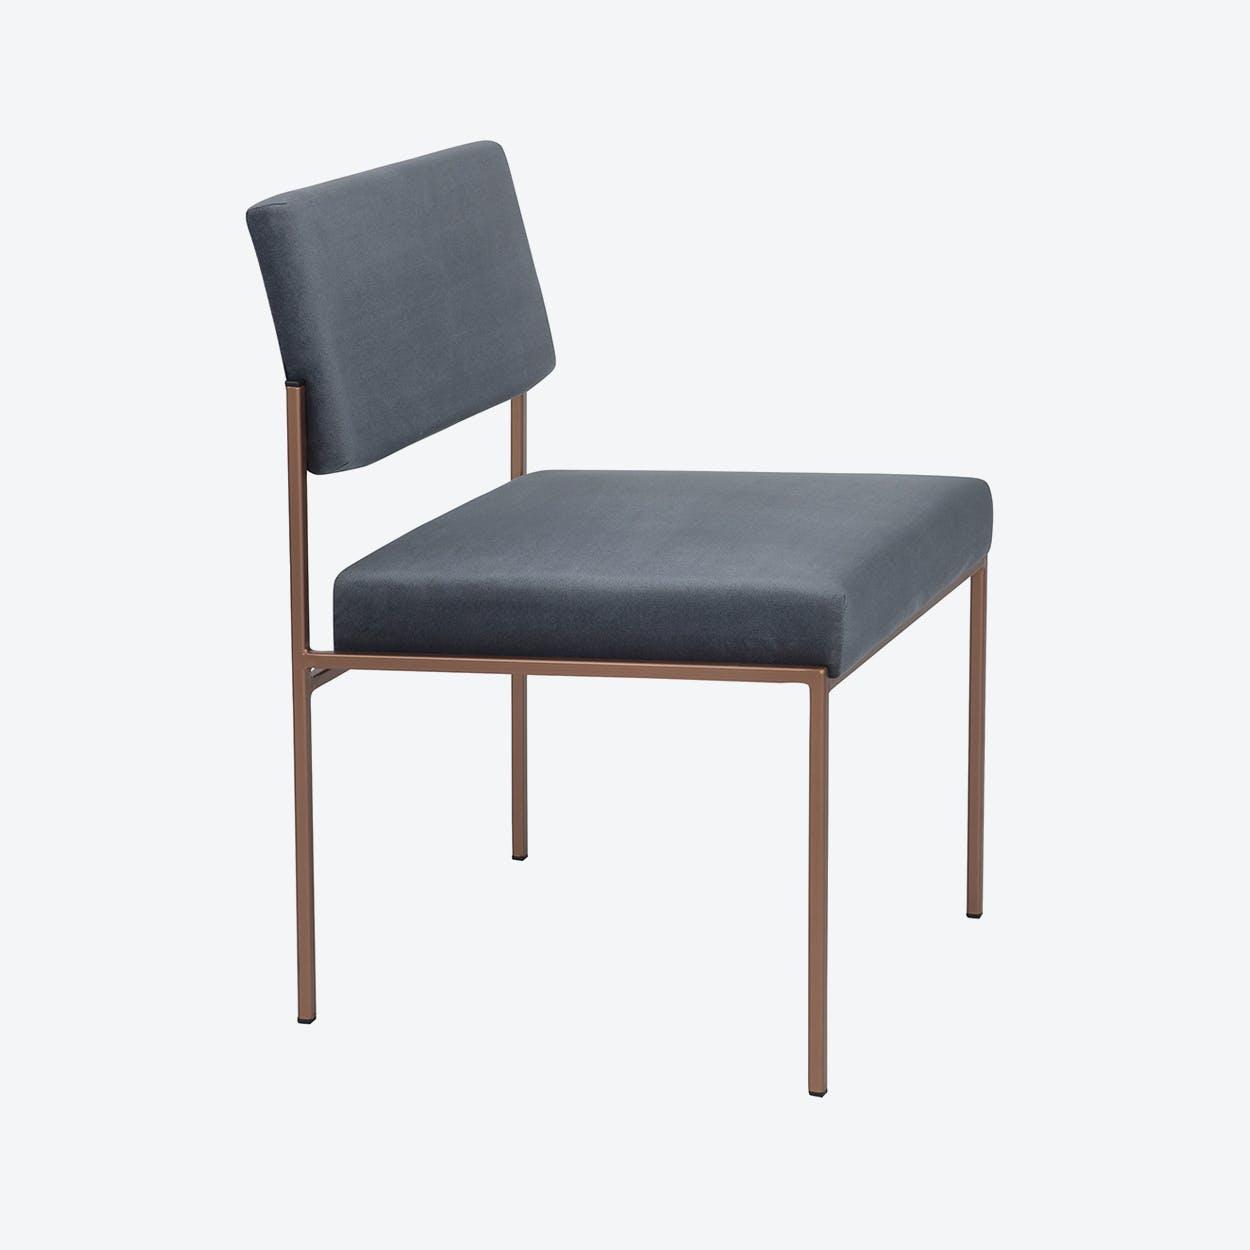 Cube Chair Copper - Velvet-Line in Grey